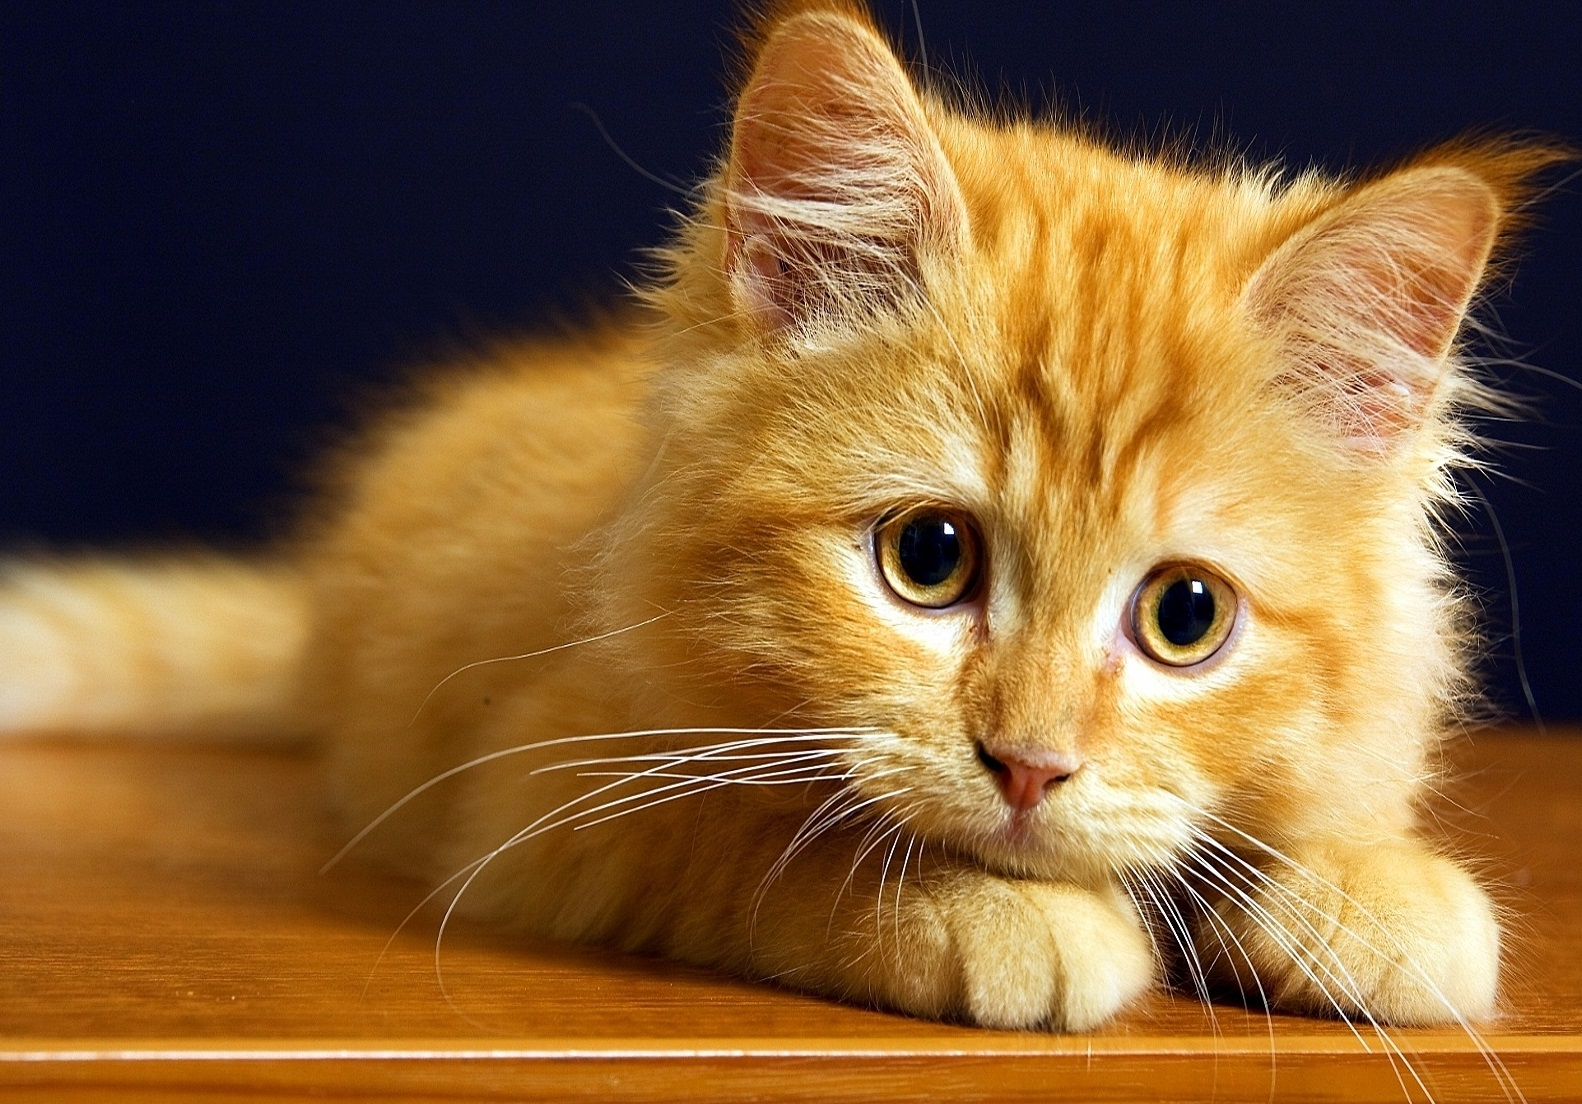 Панлейкопения у кошек симптомы опасность для человека